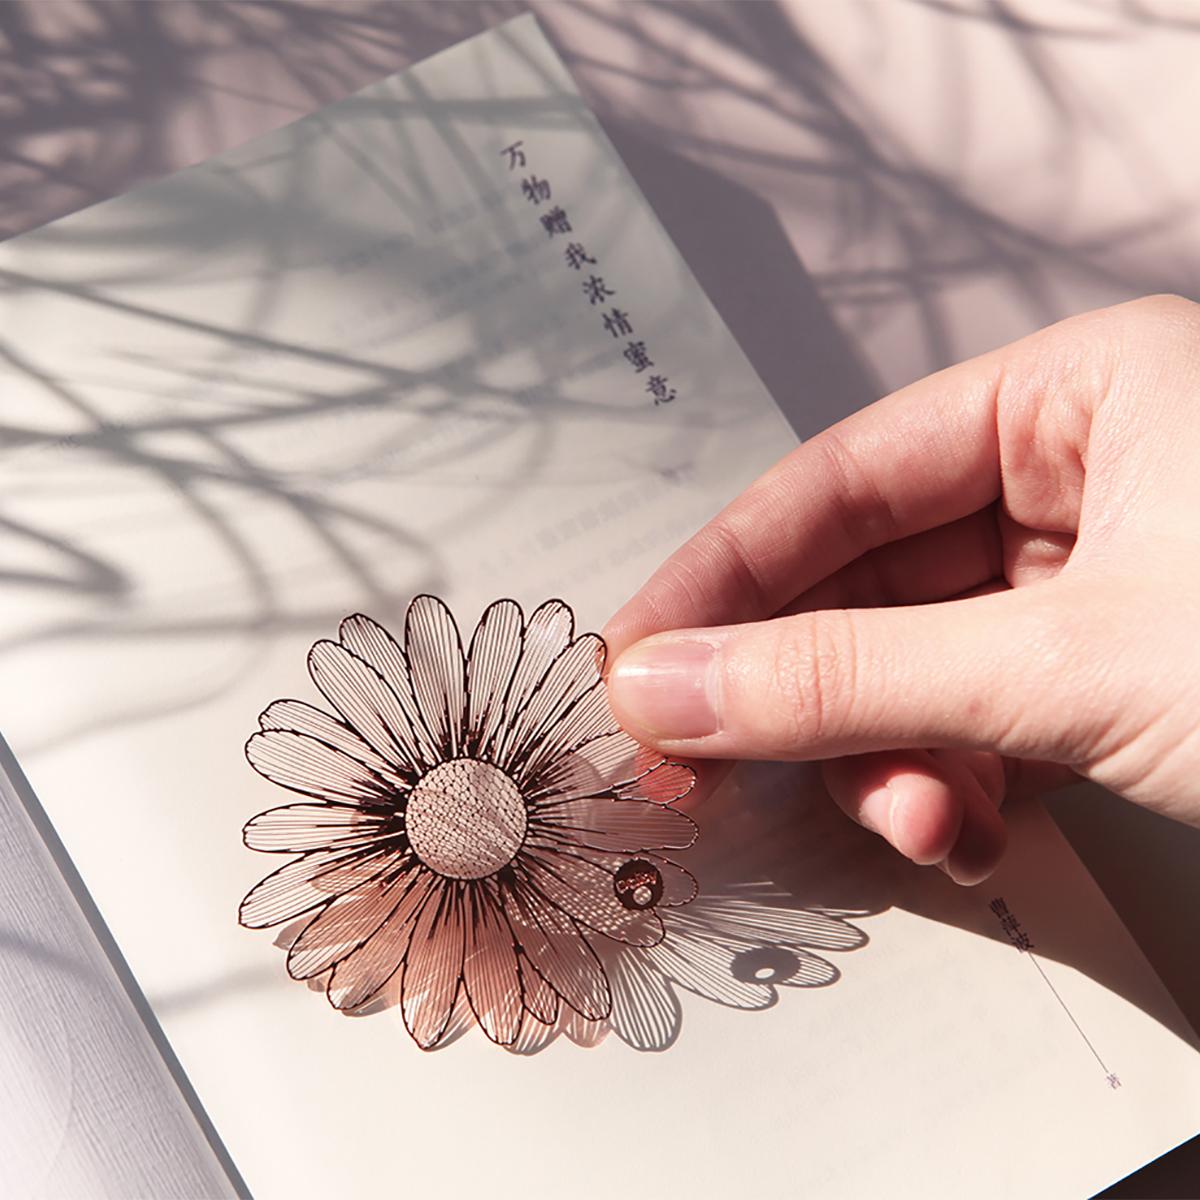 手心里设计花语夹书签金属定制礼物创意可爱学生小清新中国风流苏